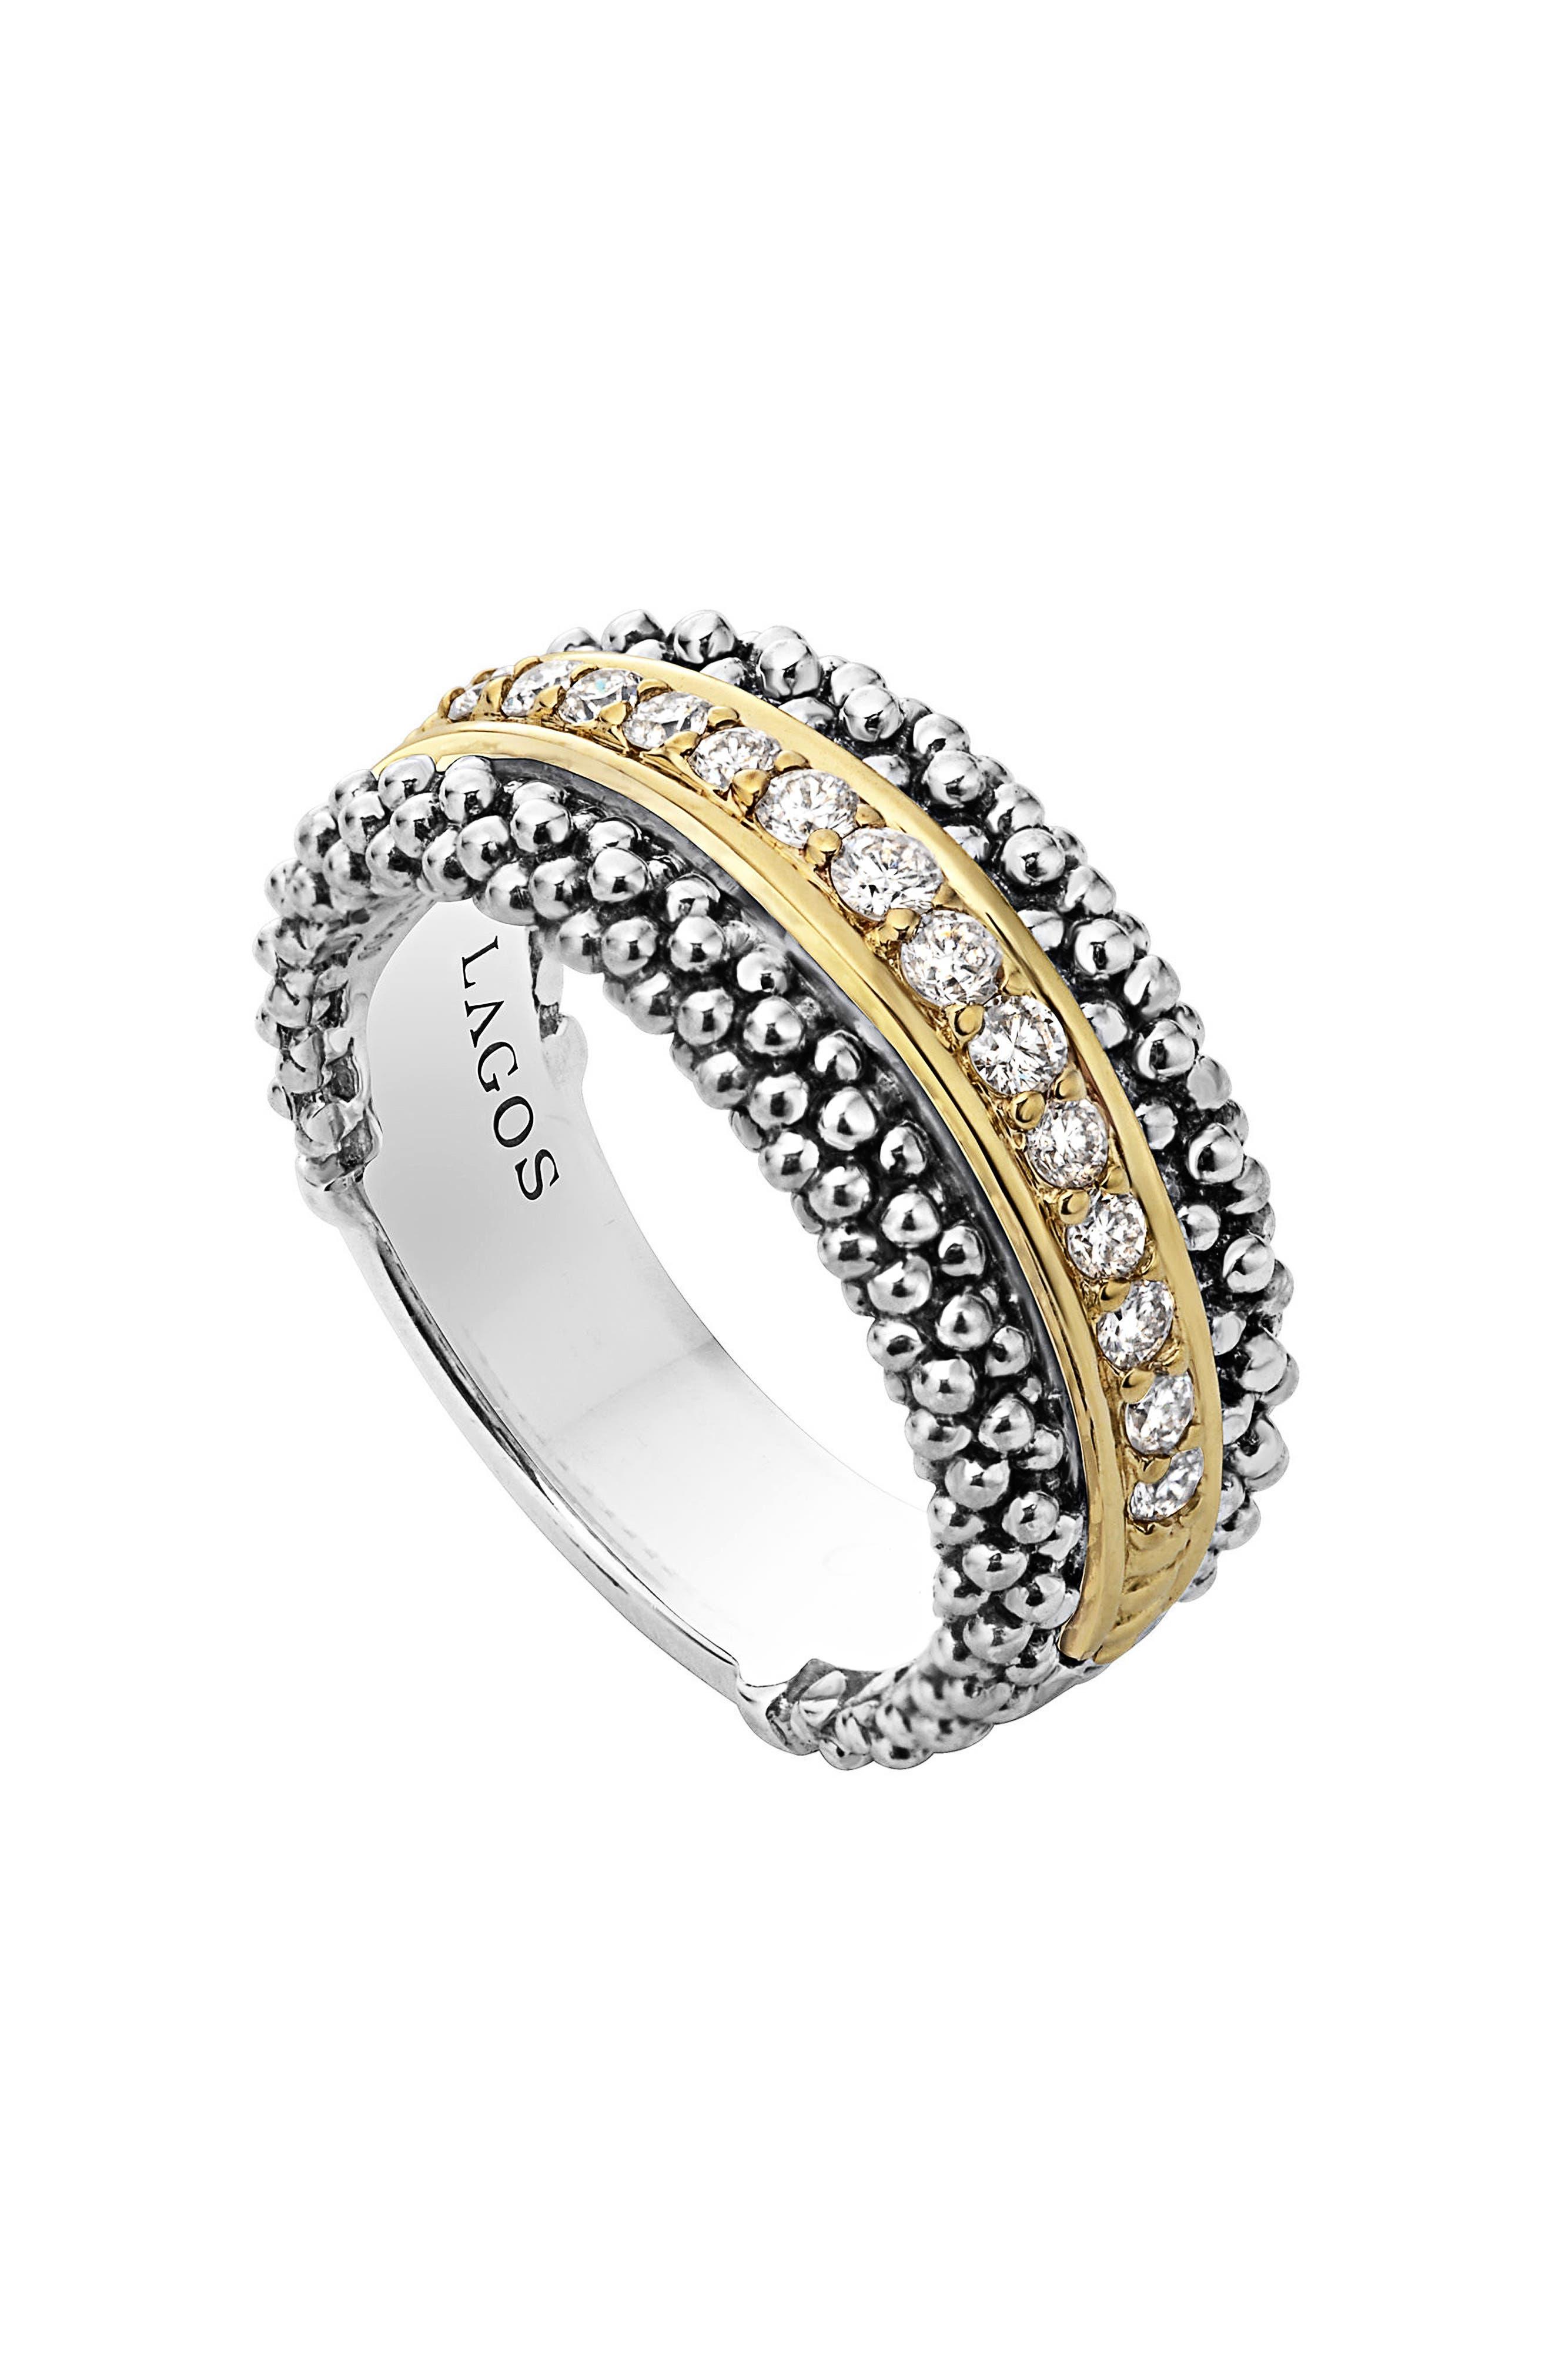 LAGOS Diamonds & Caviar Ring